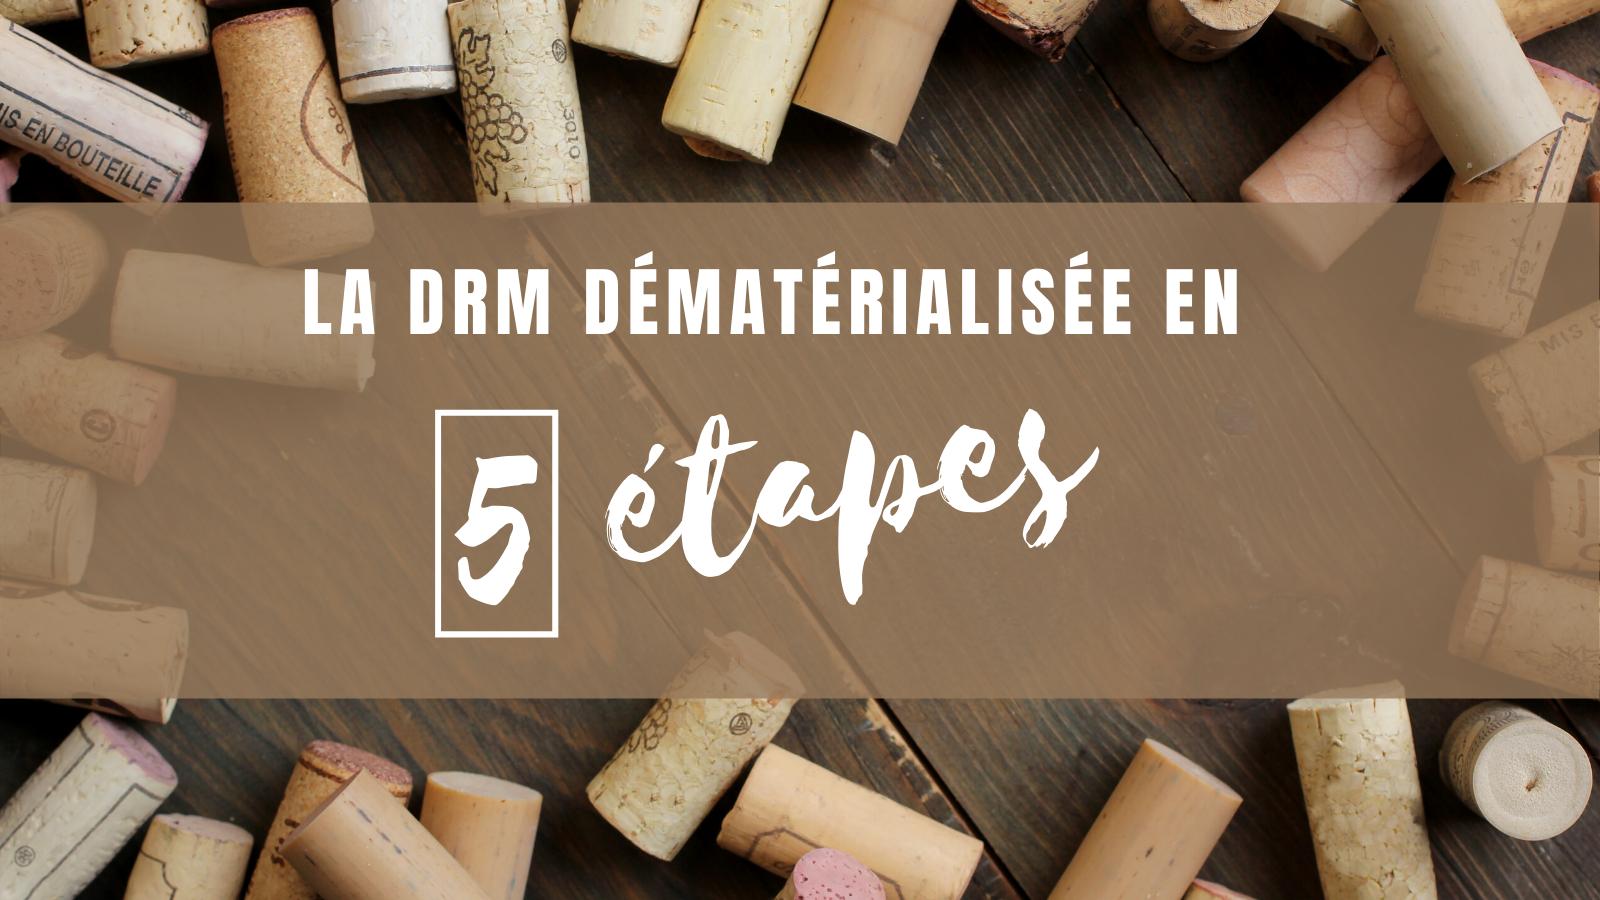 DRM dématérialisée en 5 étapes